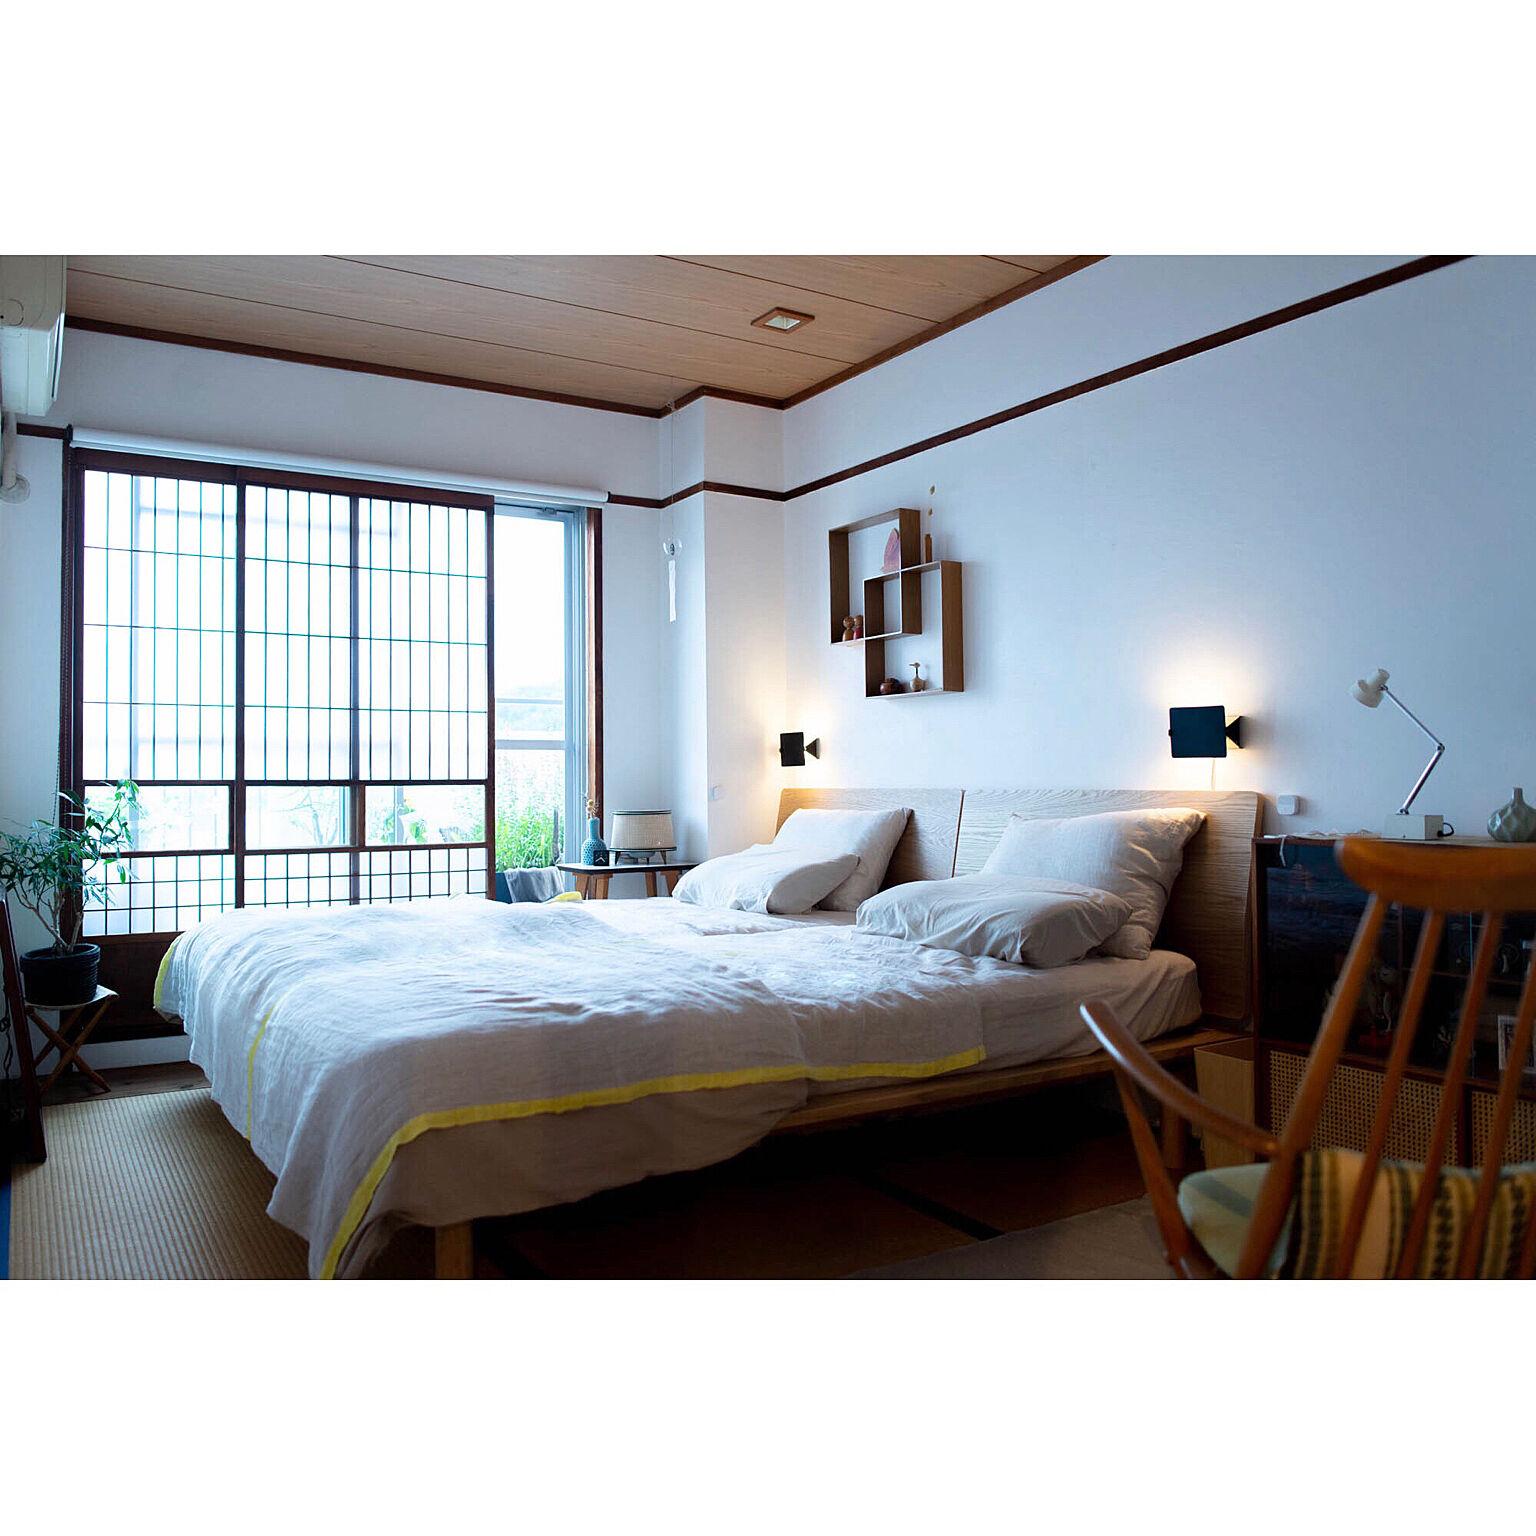 開放感と心地良さを感じる寝室に♡ベッドのおすすめレイアウト